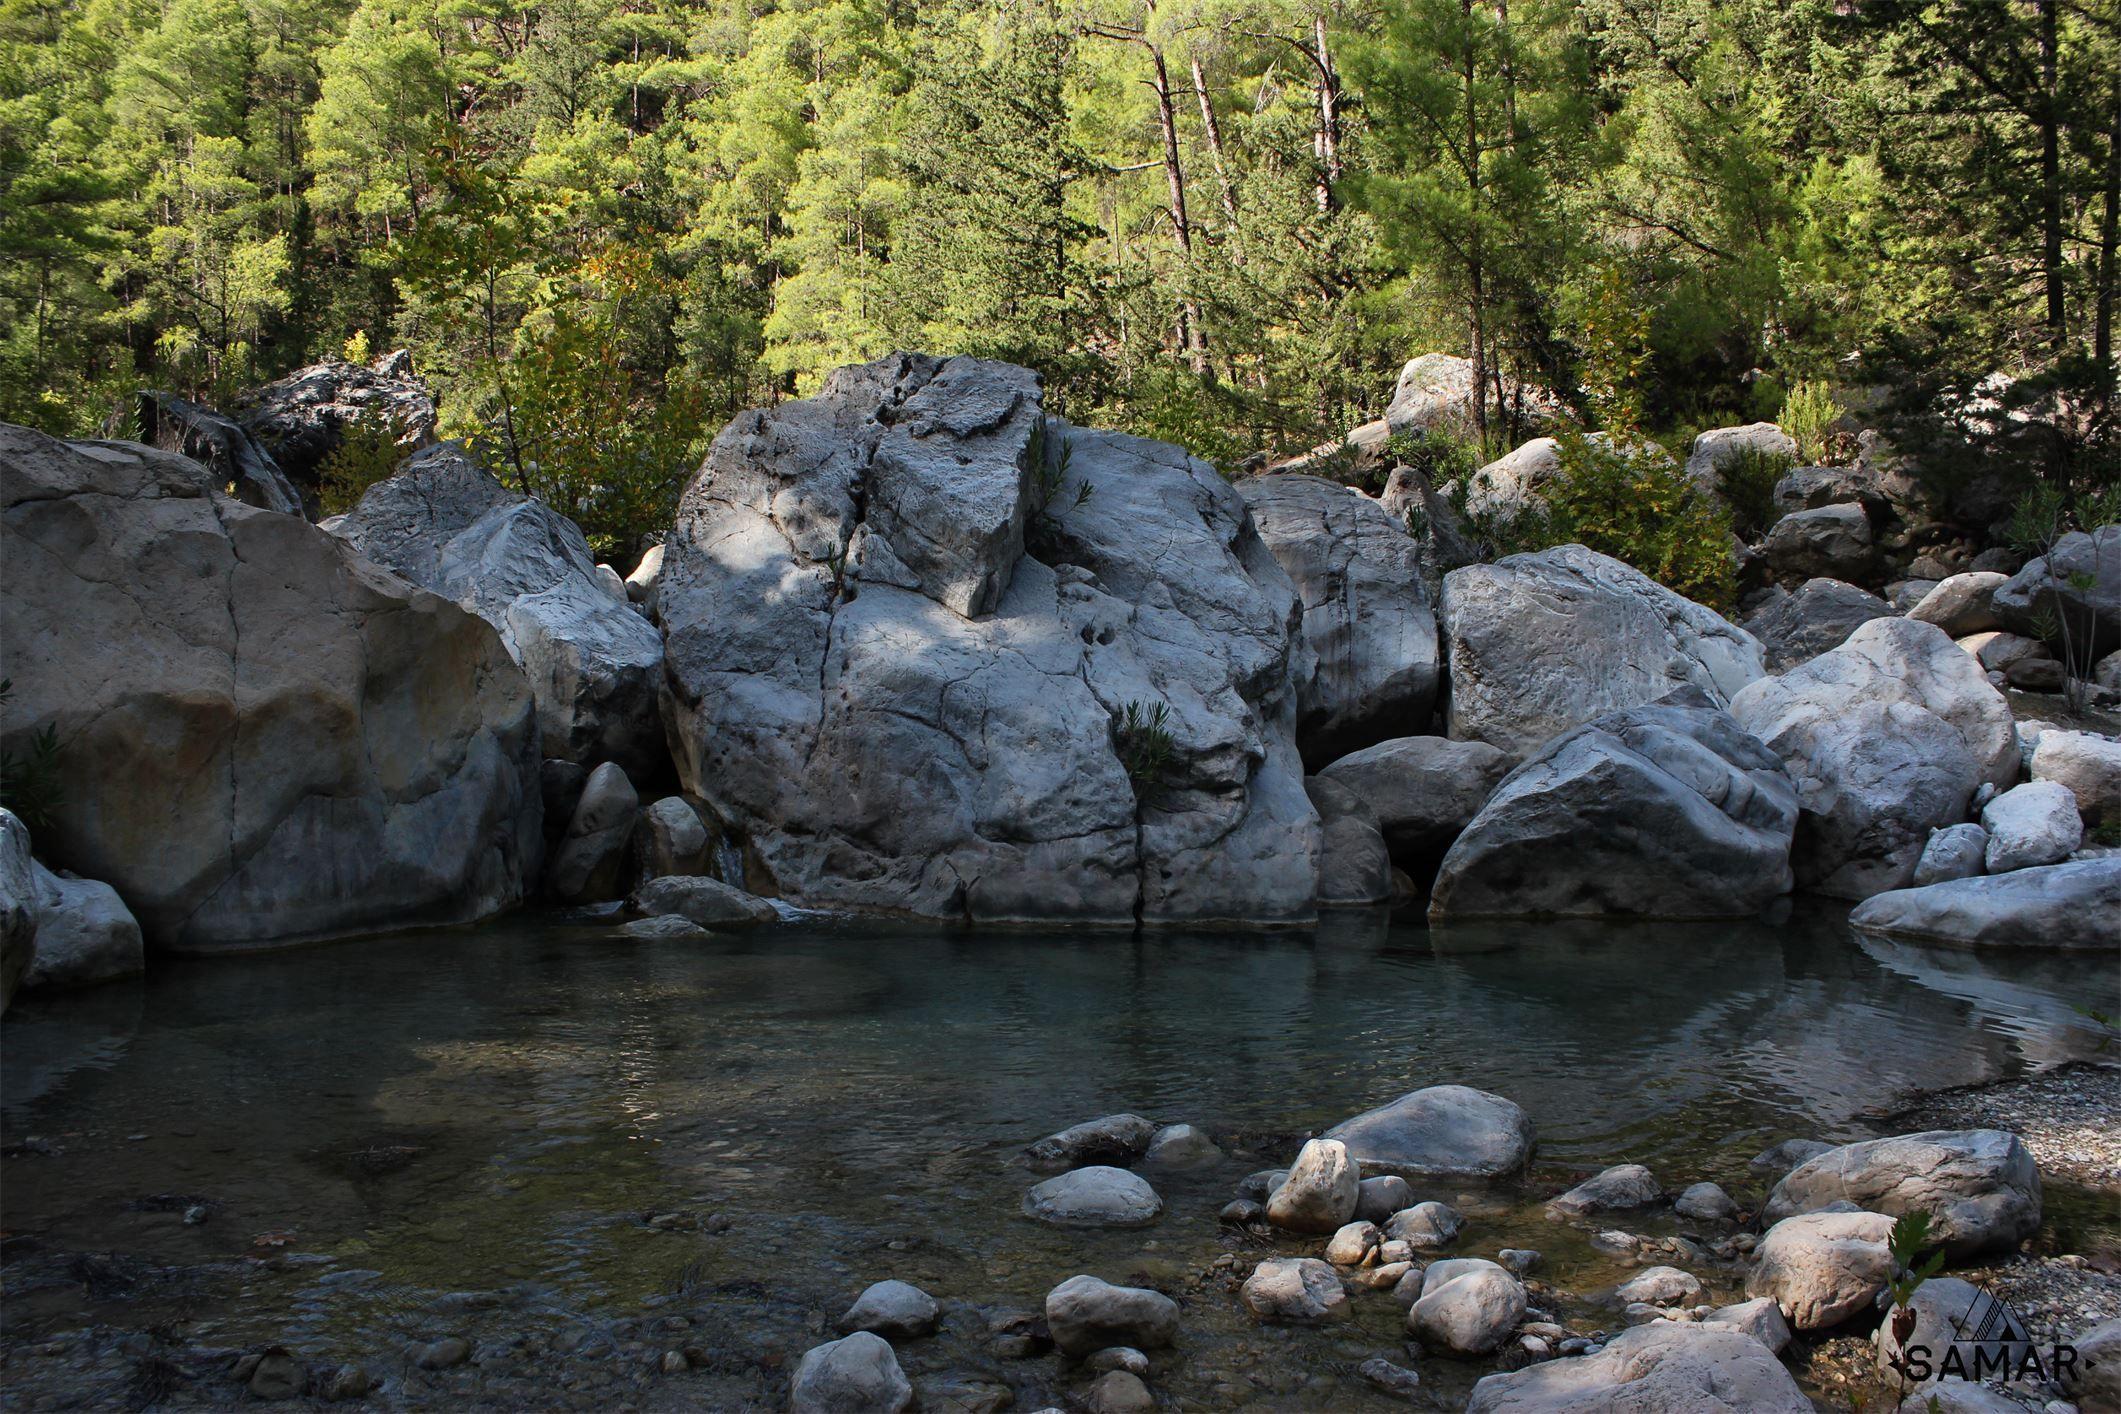 http://samarclub.com/vost-likijskaya-tropa/  Вначале мы поднялись на хребет, чтобы обойти неприступный каньон, и затем опять спустились к реке. Тропа проходит через необычный турецкий лес, где сосны перемежаются с различными экзотическими деревьями. Далее, спустившись в долину, мы пошли мимо огромных живописных валунов. Ночевка в сосновом лесу, возле реки и скал. #samarclub #жизньвпоходах #активныйотдых #турция #каньонгармонии #поход #туризм #турпоход #каньон #гармония #природа